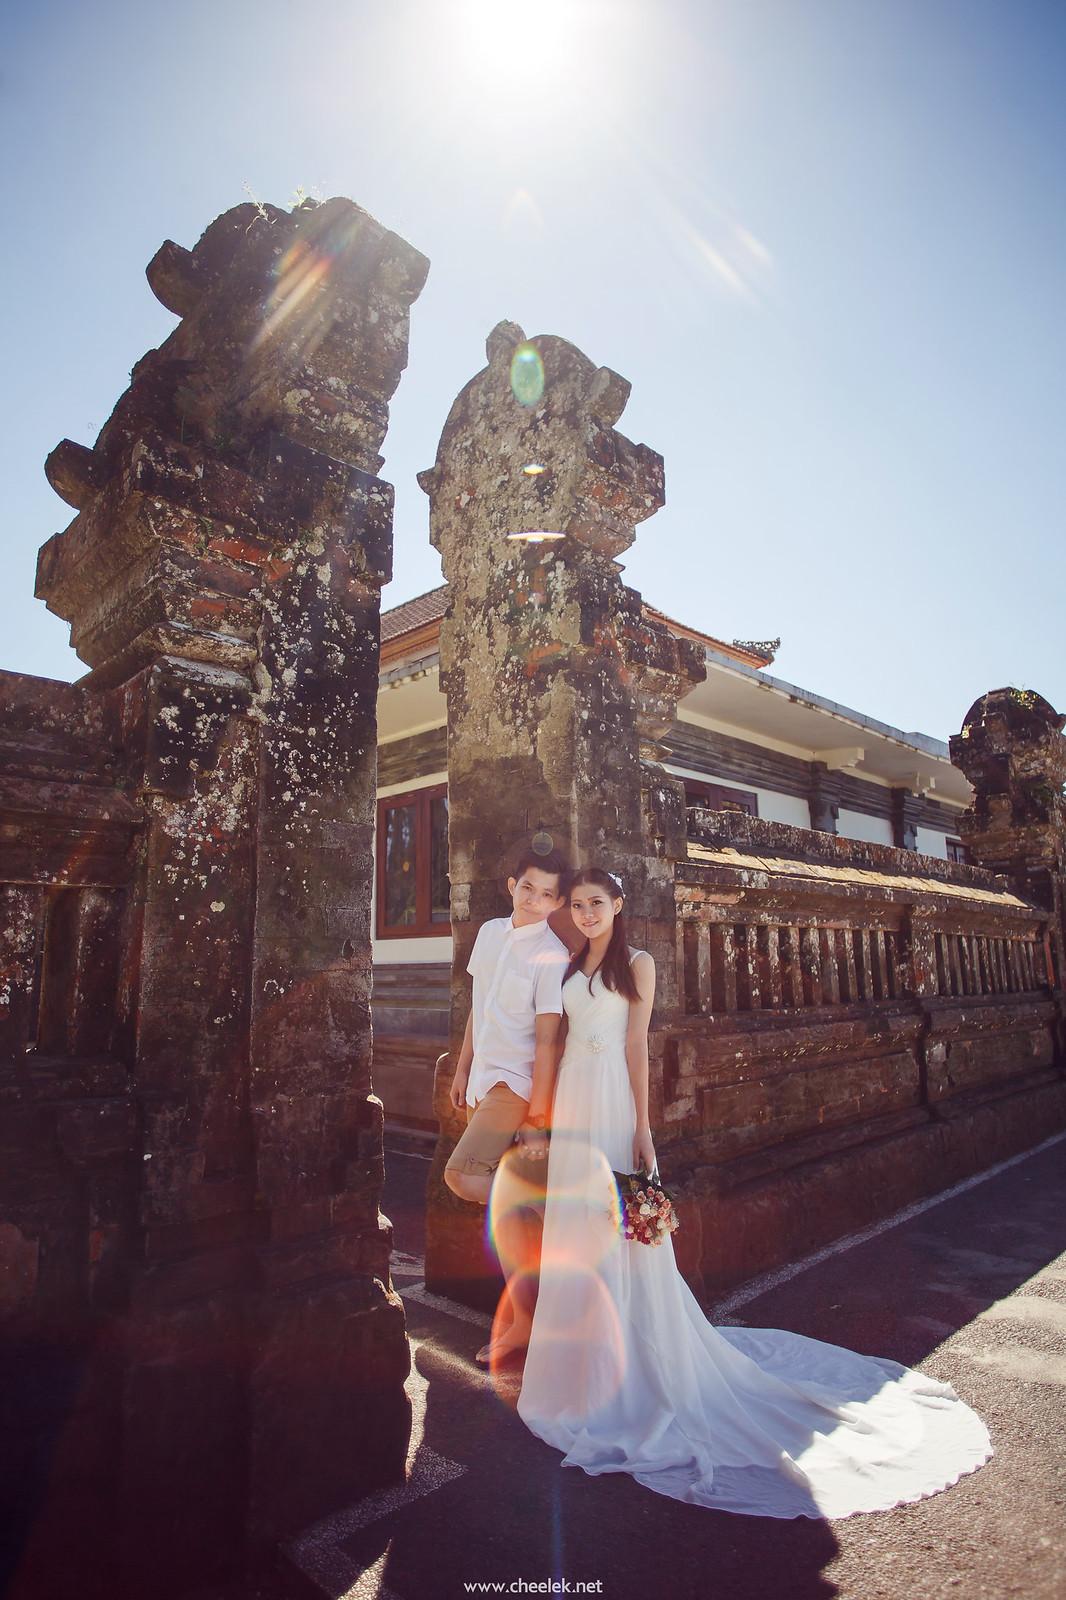 Bali2015 (Jack+Chloe)-11